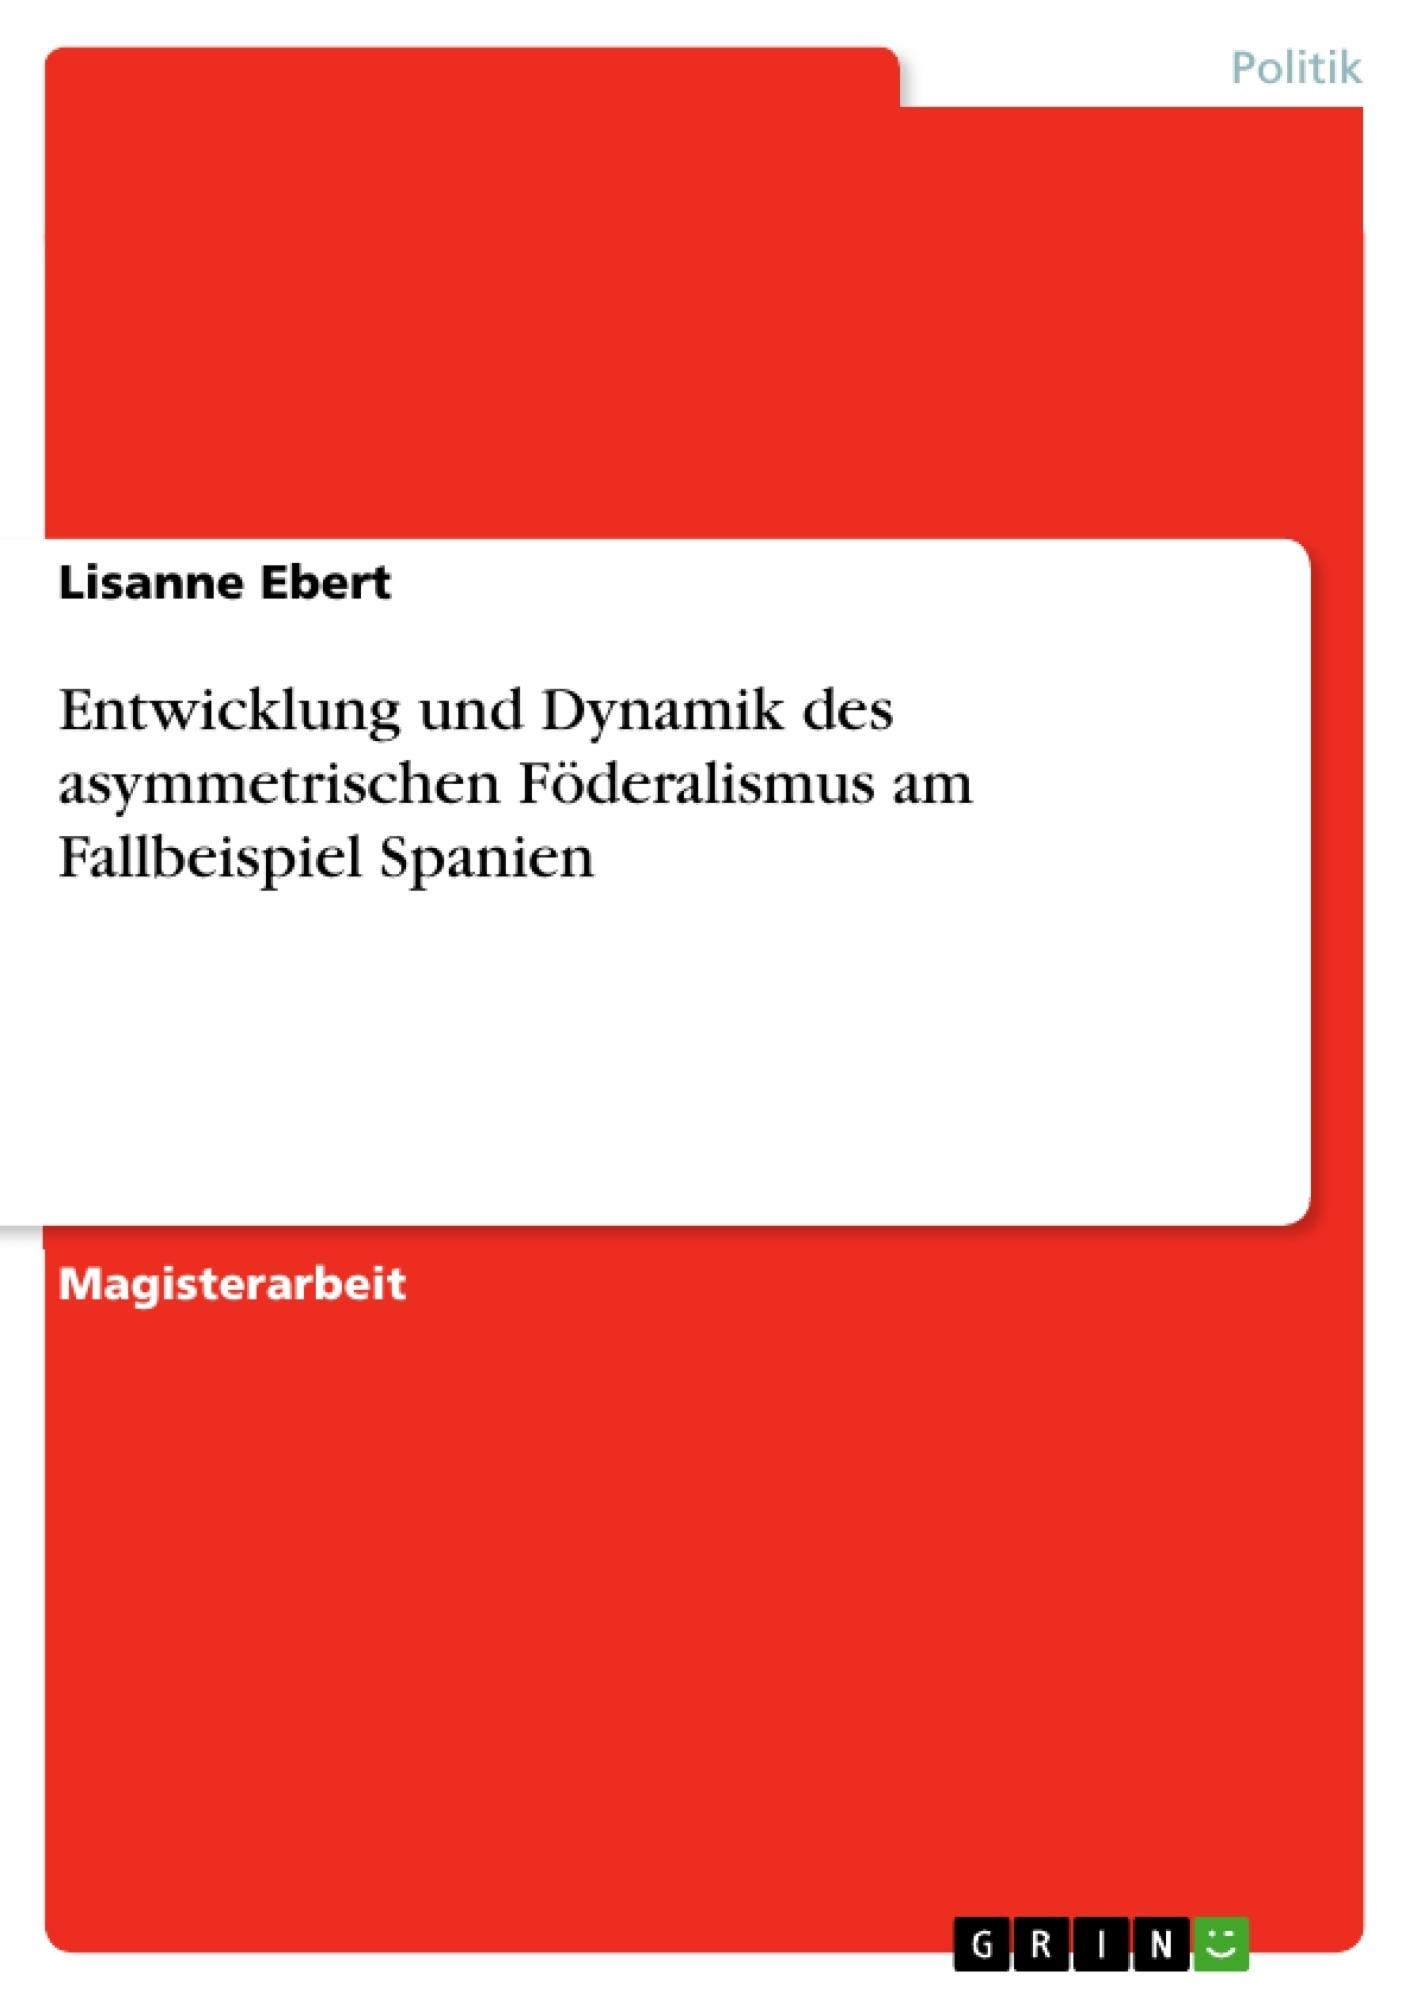 Titel: Entwicklung und Dynamik des asymmetrischen Föderalismus am Fallbeispiel Spanien